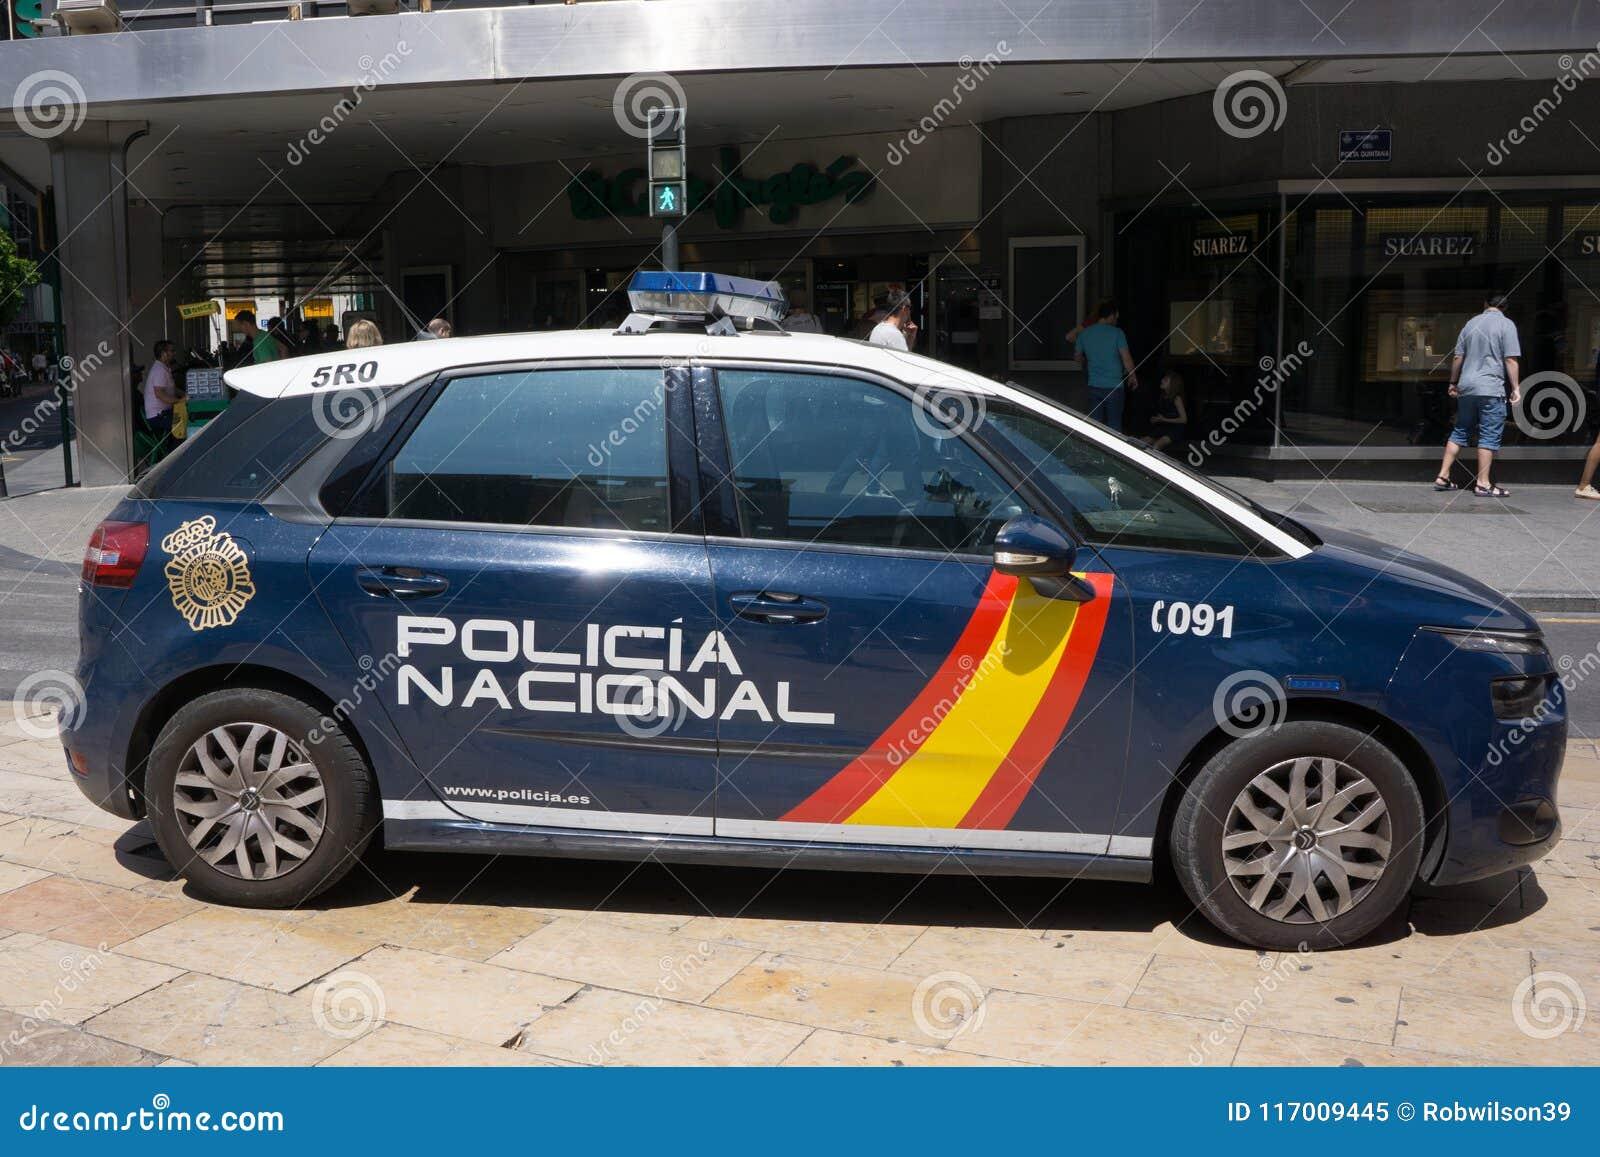 西班牙国家警察汽车公开